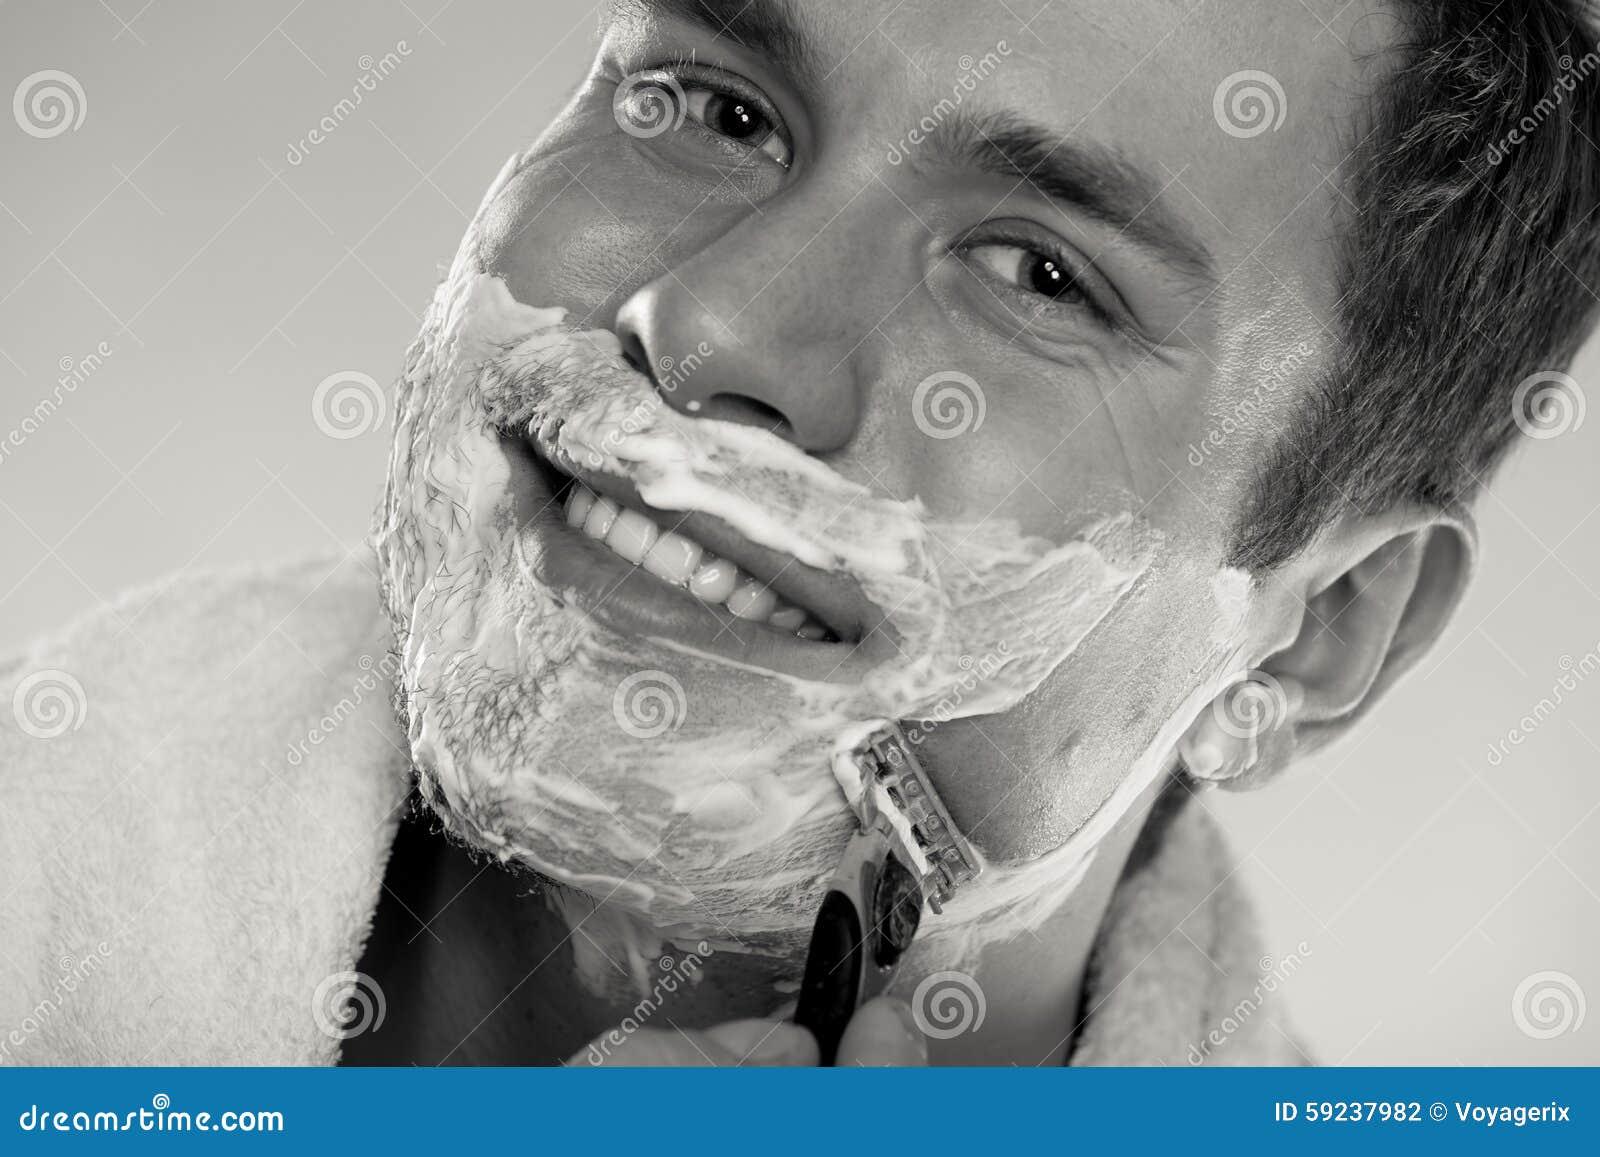 Download Hombre Joven Que Afeita Usando La Maquinilla De Afeitar Con La Espuma Poner Crema Foto de archivo - Imagen de piel, individuo: 59237982